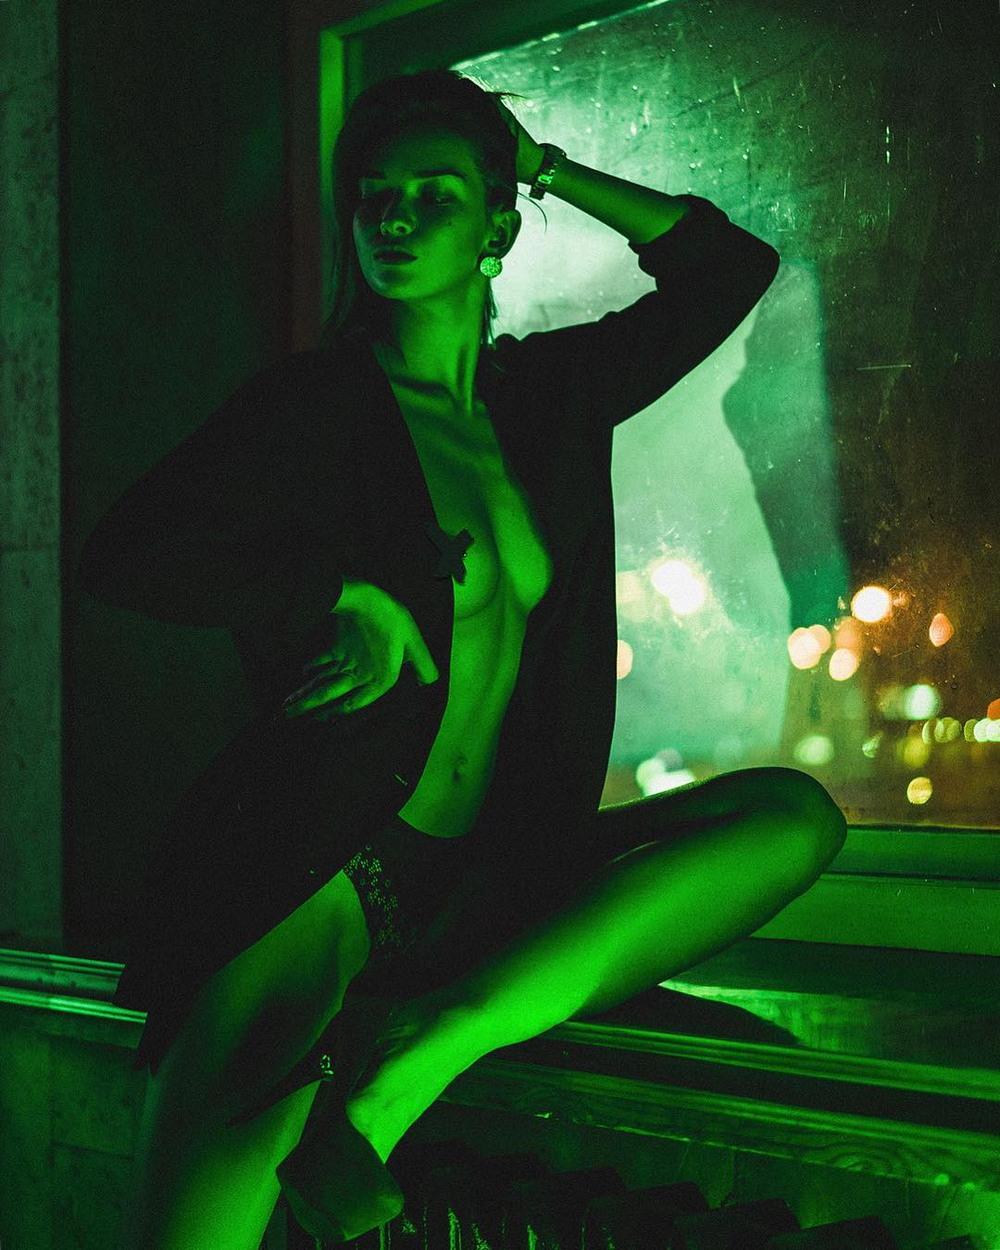 Мода и гламур на снимках Дена Бычковского